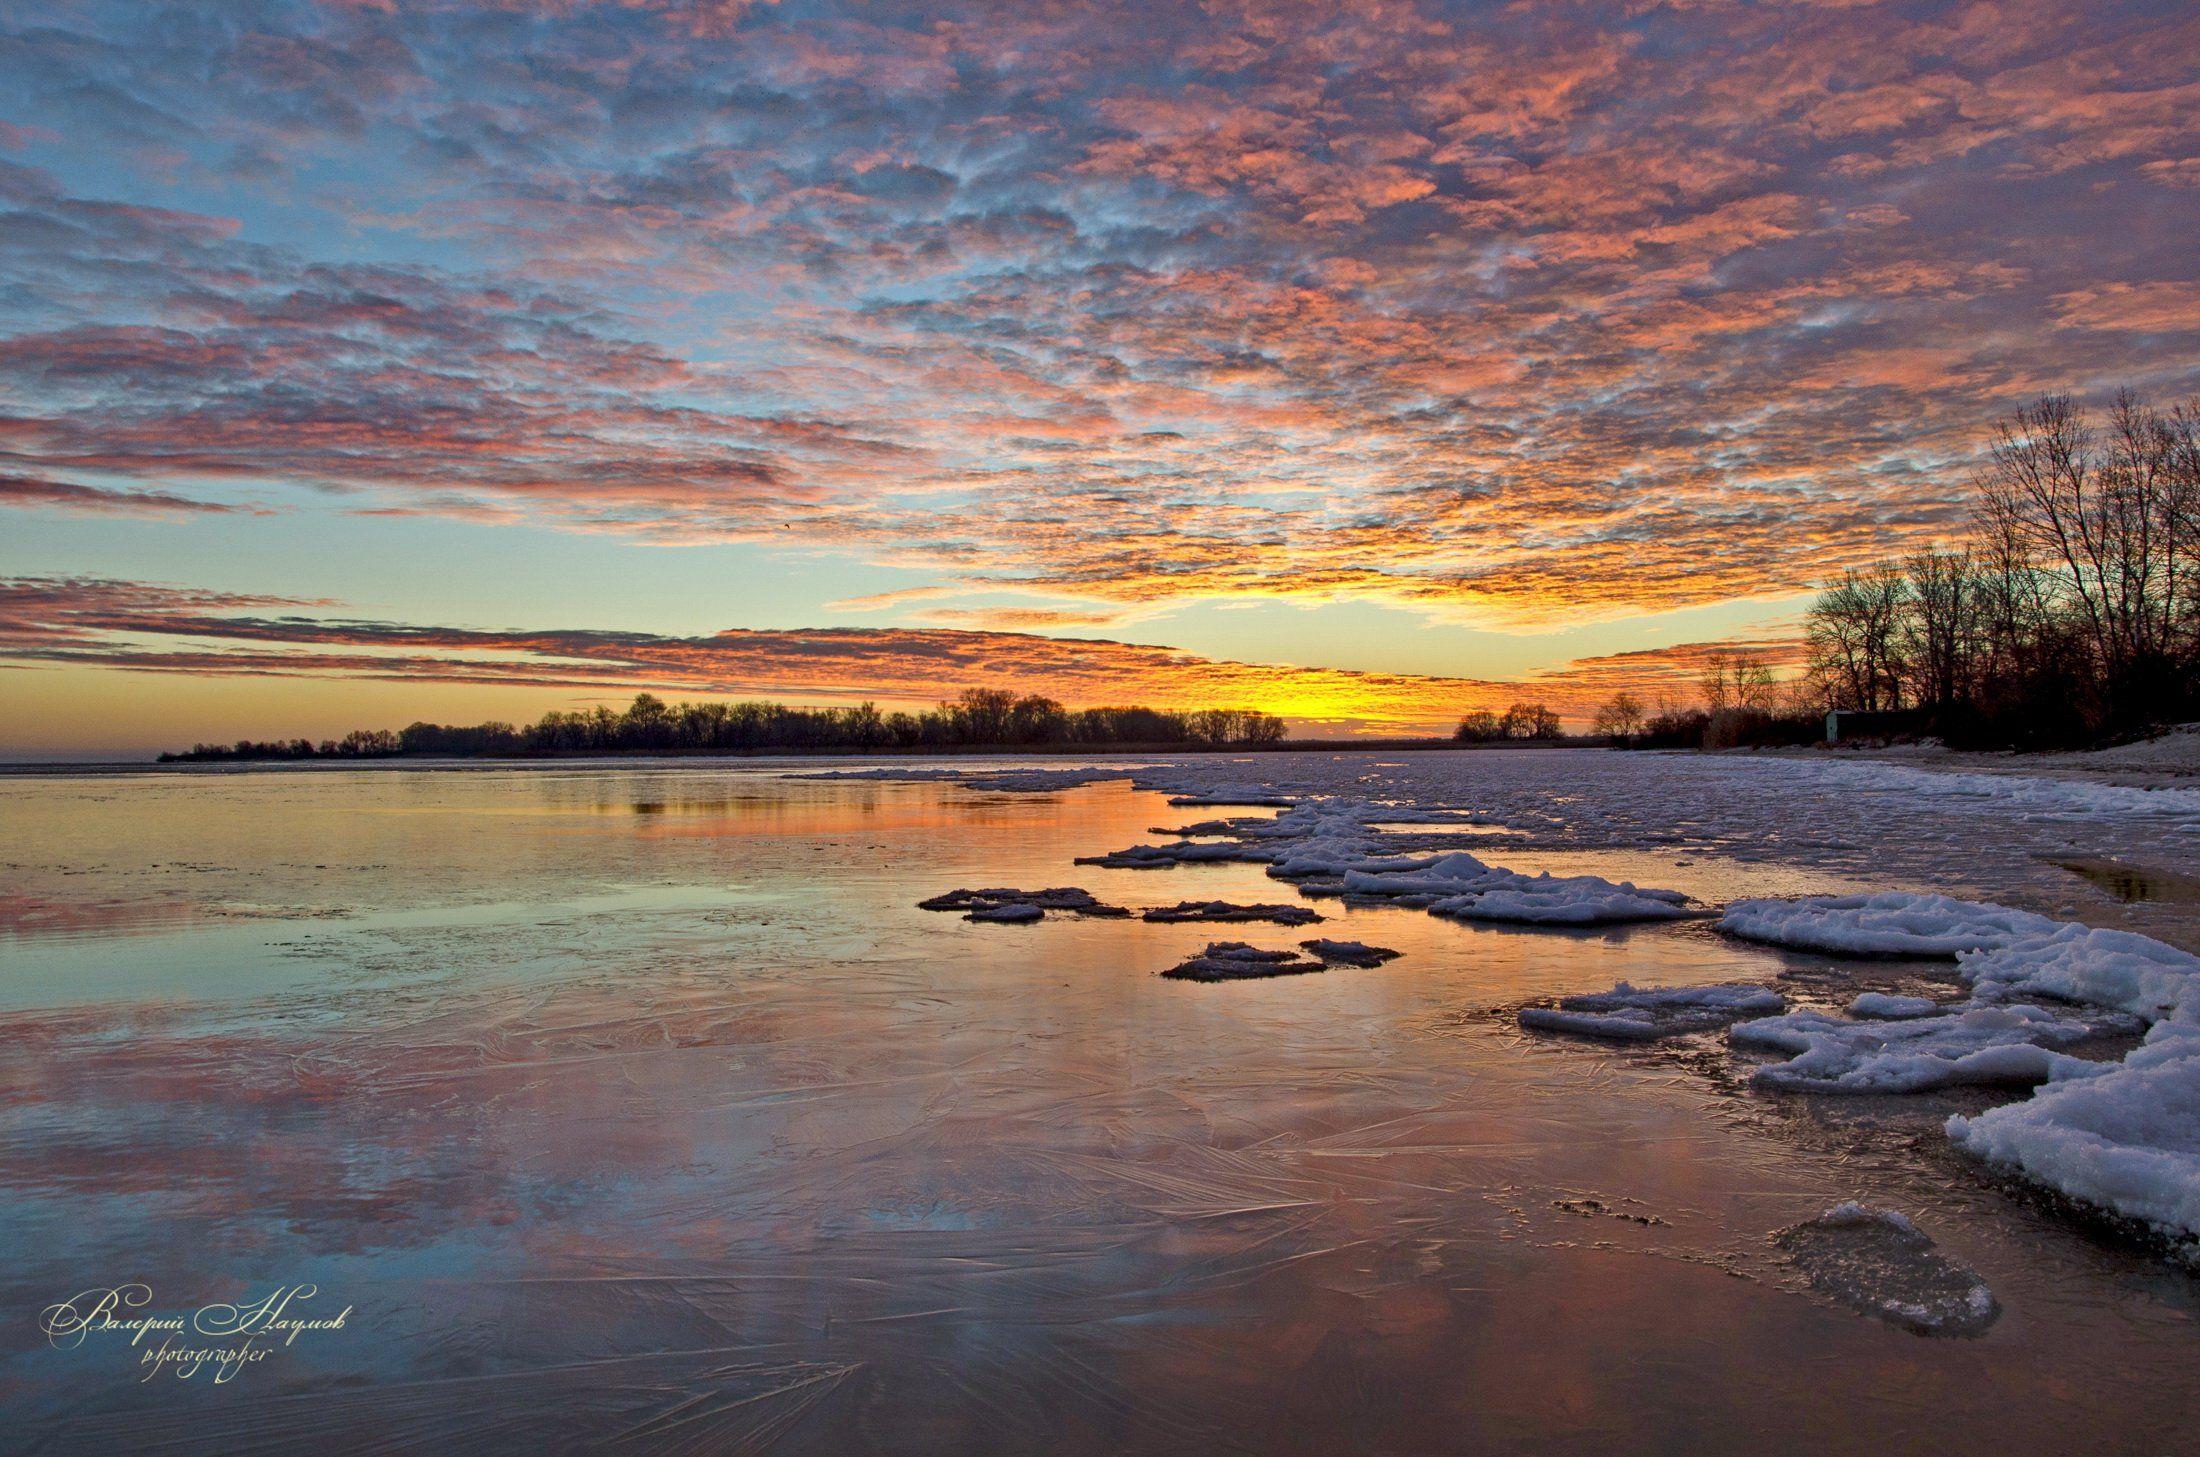 утро, рассвет, река, восход, зима, лёд, снег, отражение, Валерий Наумов